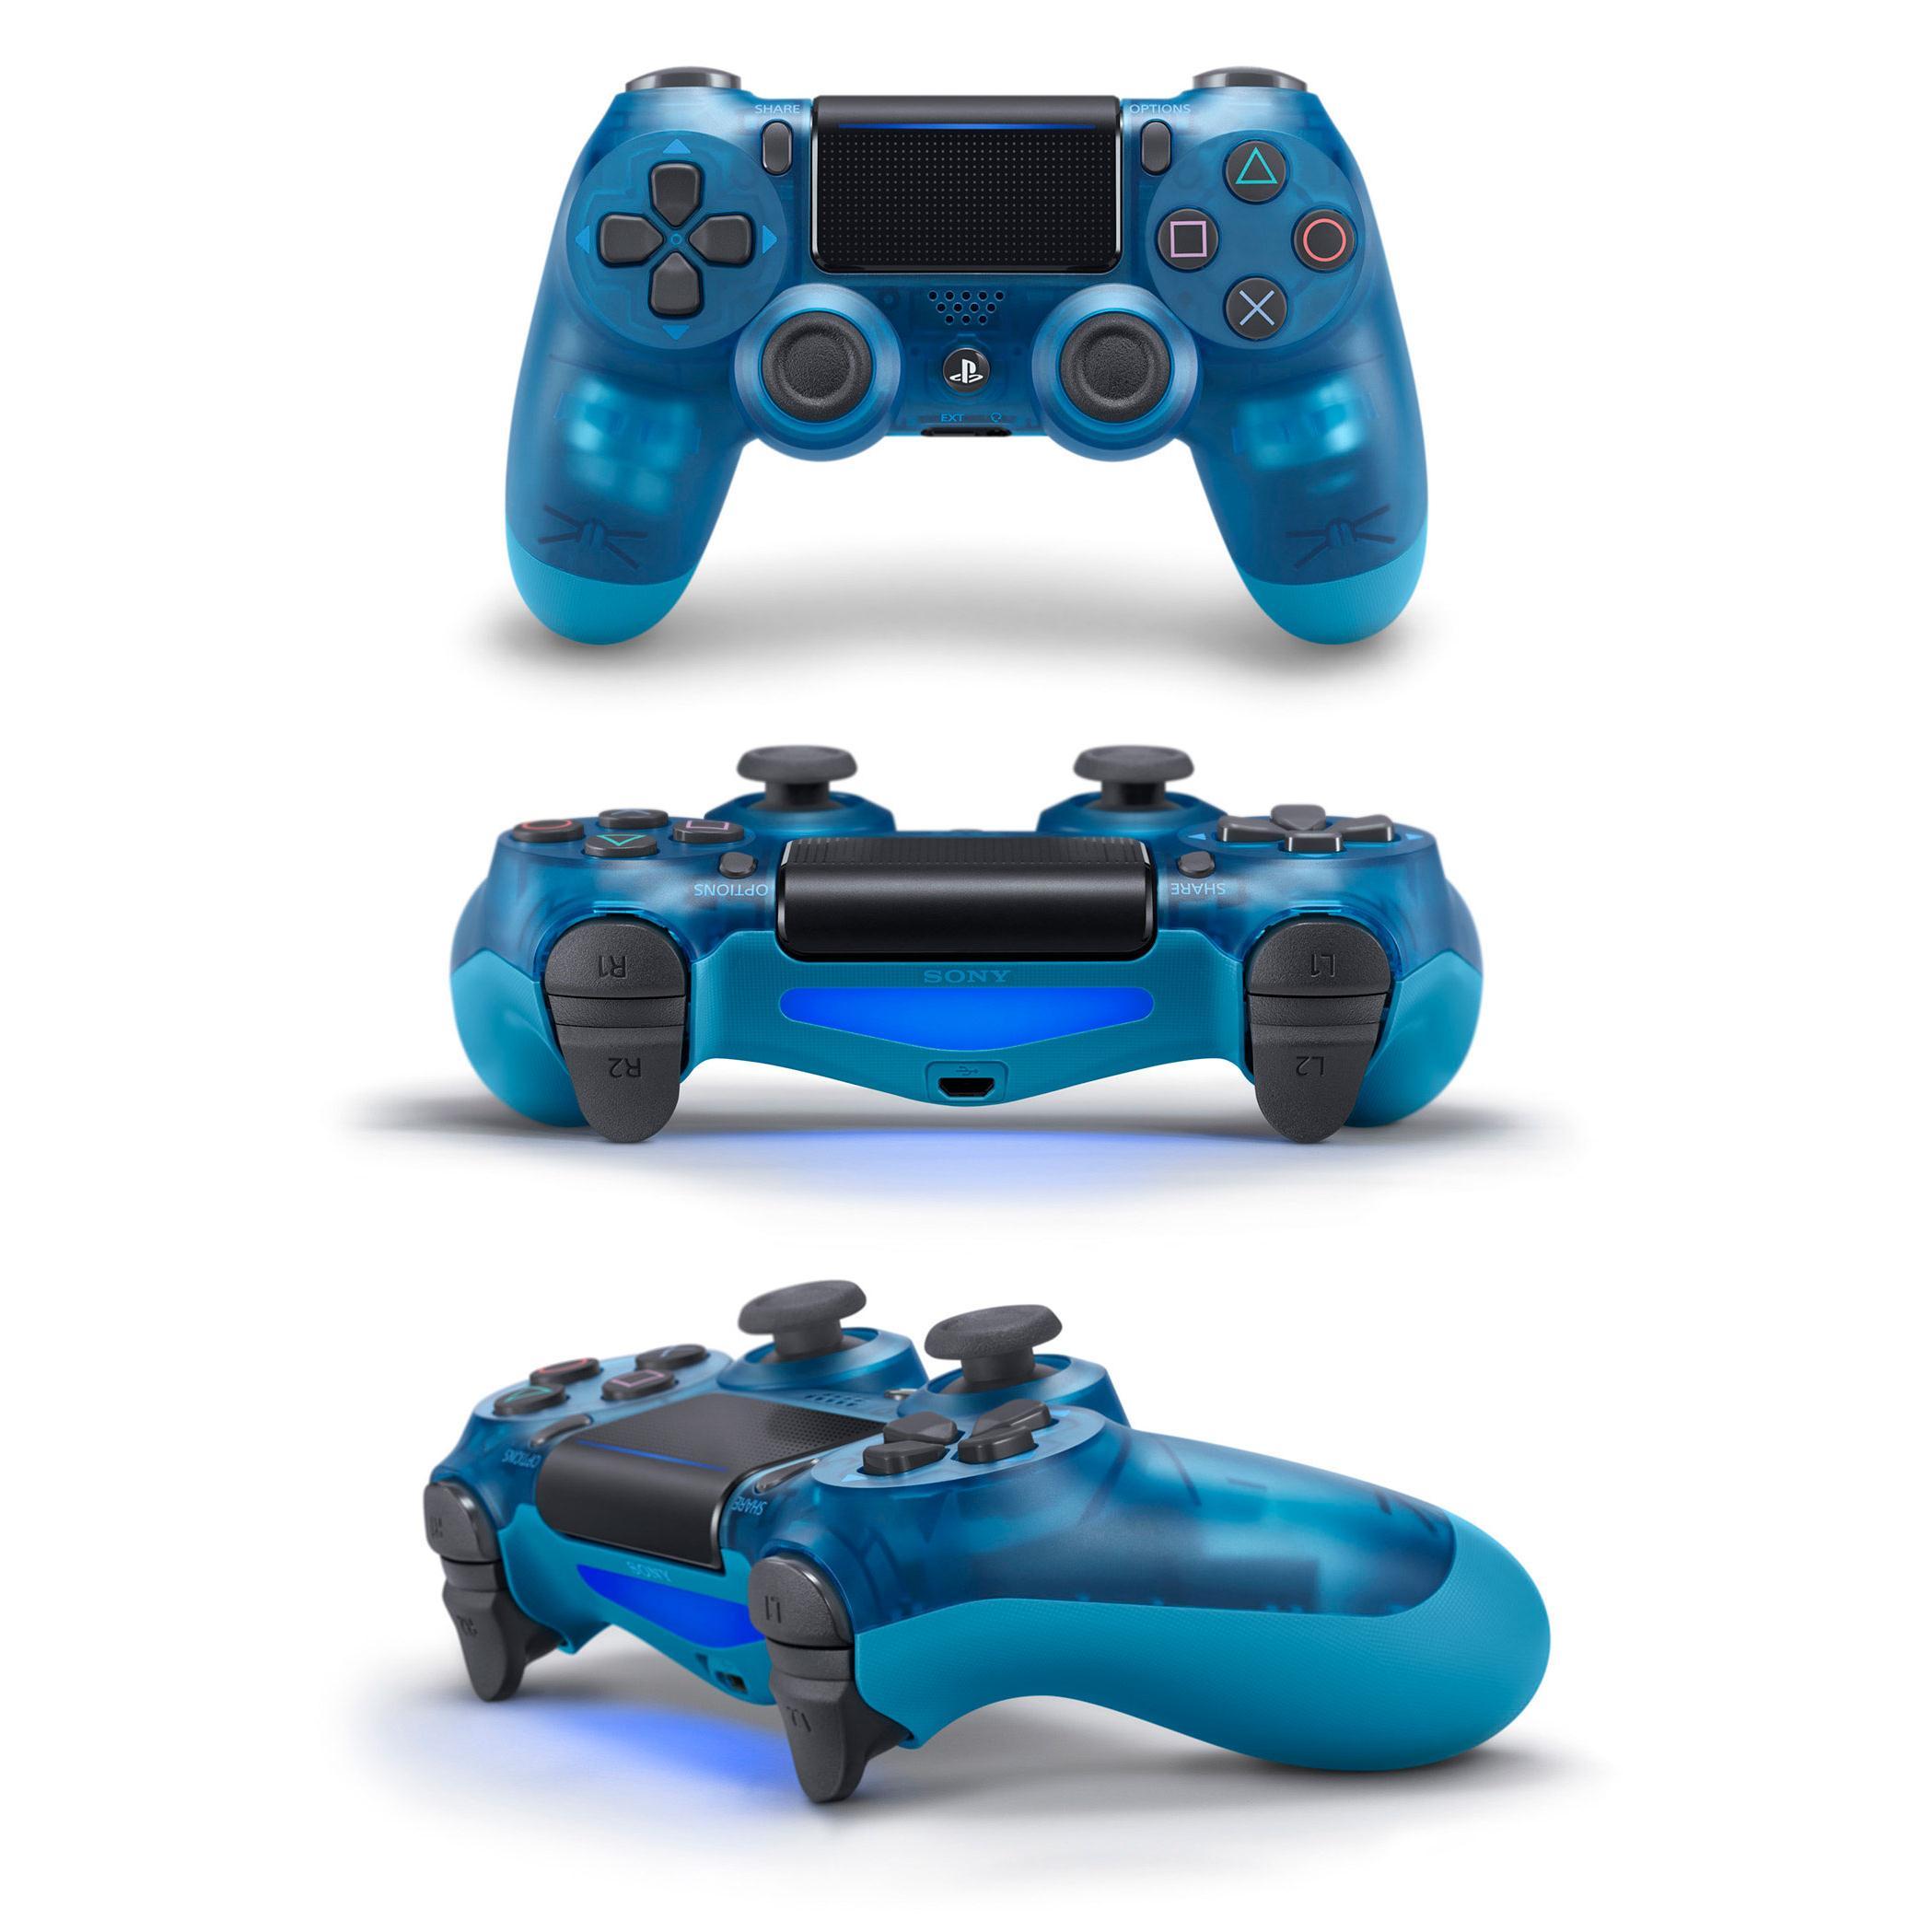 Tay Cầm PlayStation PS4 Sony Dualshock 4 (Xanh trong suốt) - Hàng Chính Hãng mới 100%